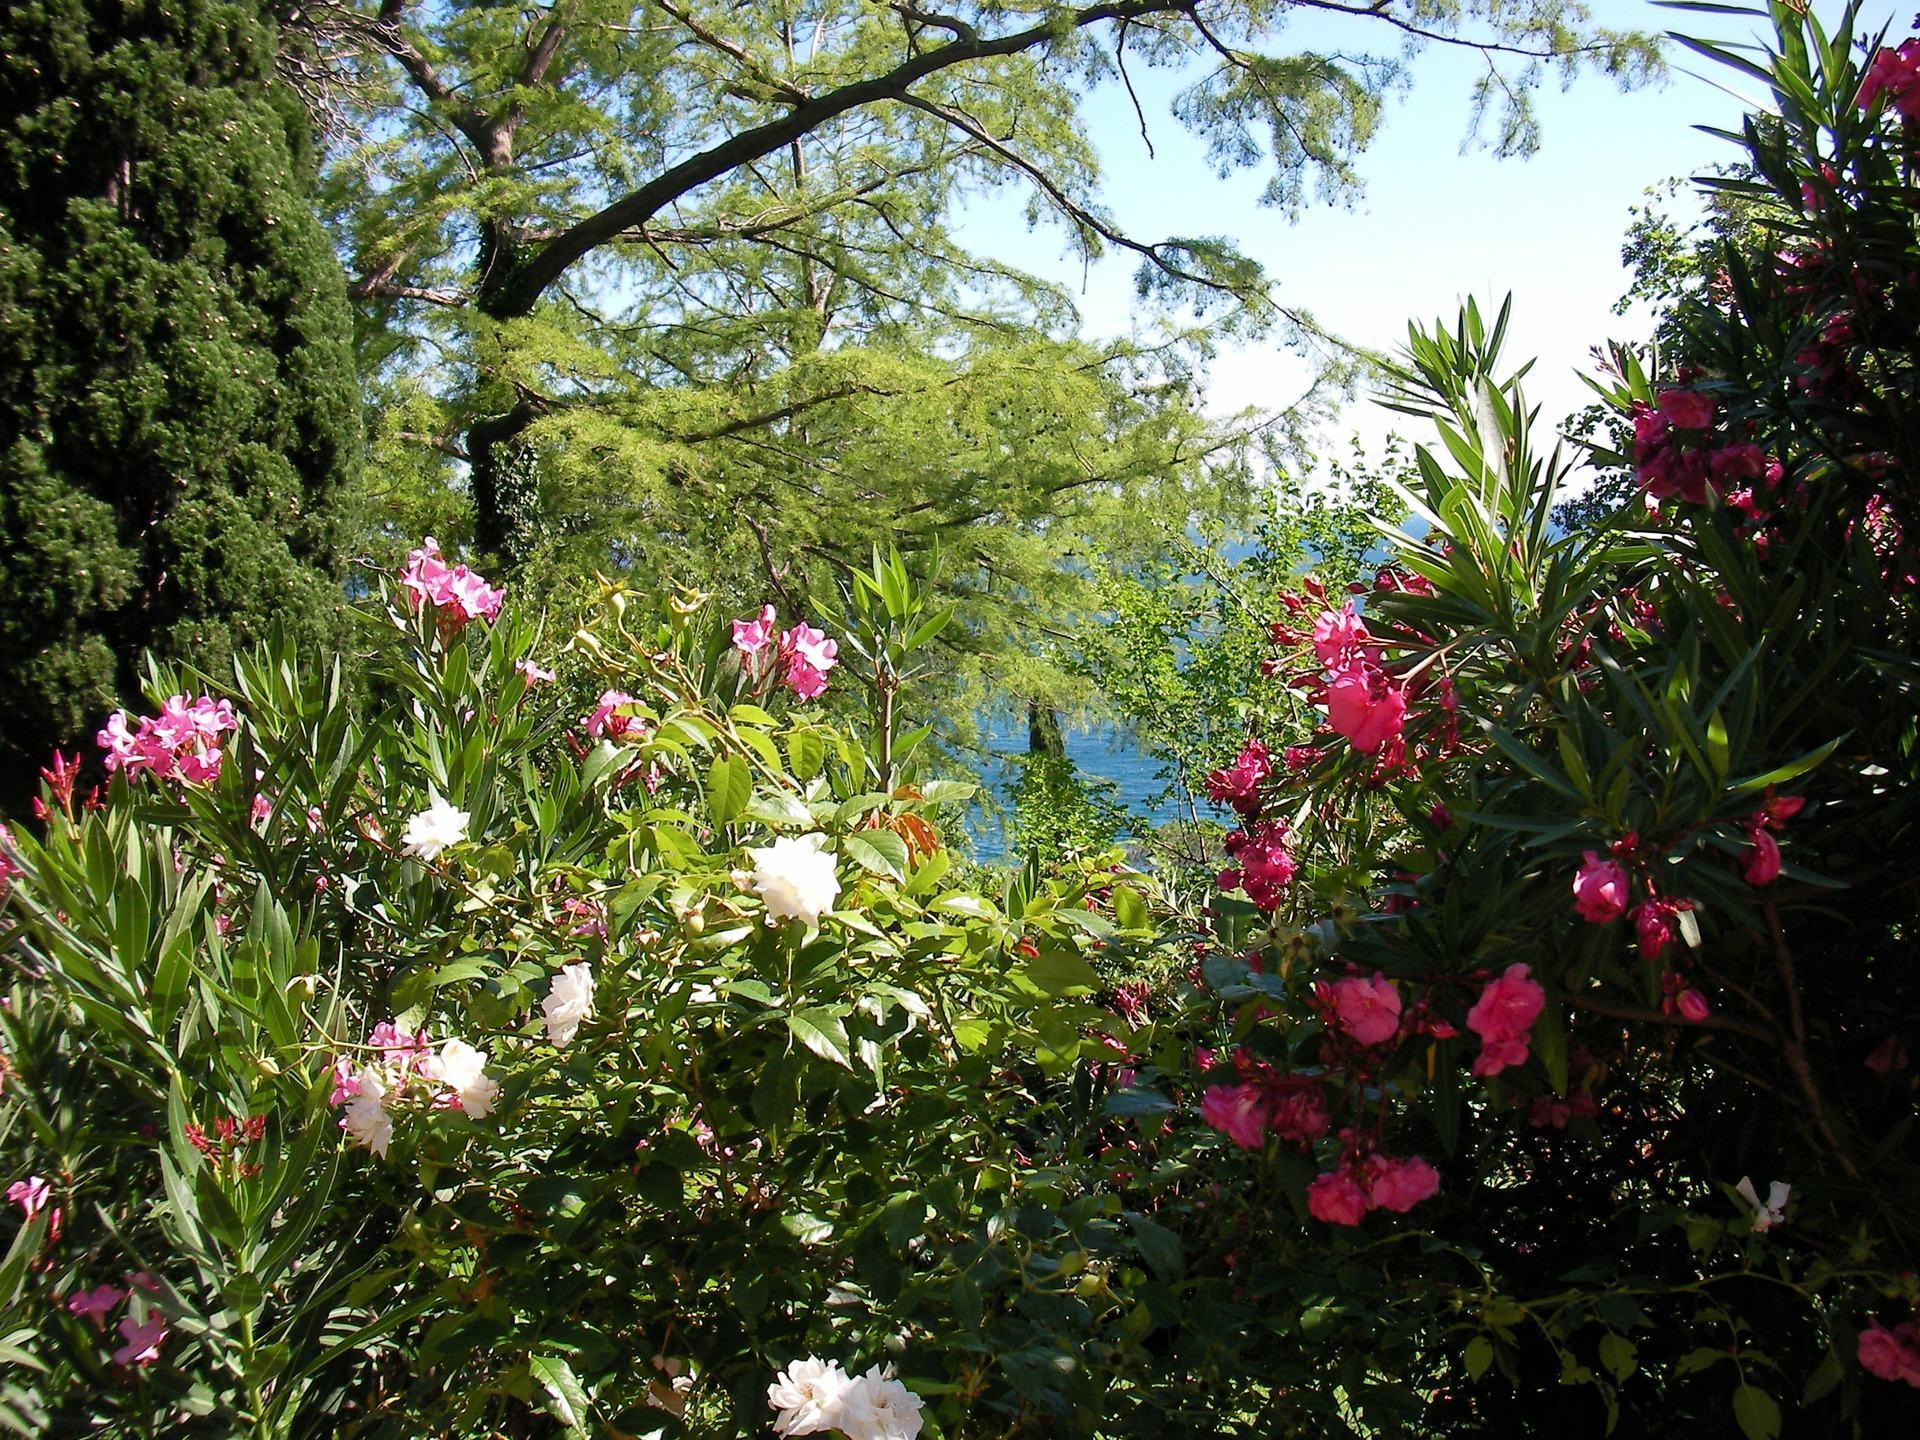 Raudonos ir baltos gėlės ant žalių medžių fone, per kurią spindi danguje ir mėlyna jūra